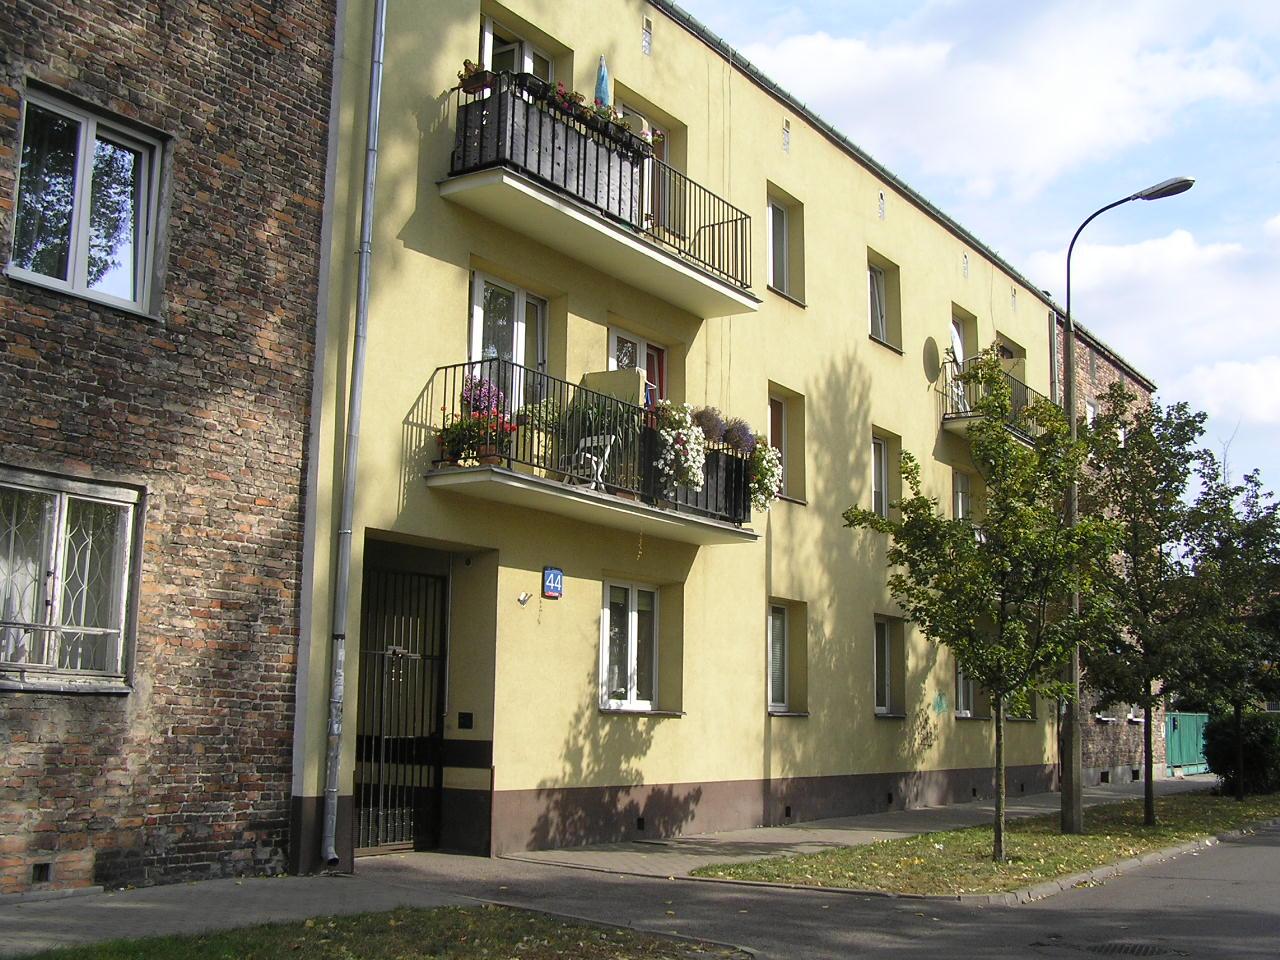 Kamienica przy ulicy Osowskiej 44 na Grochowie